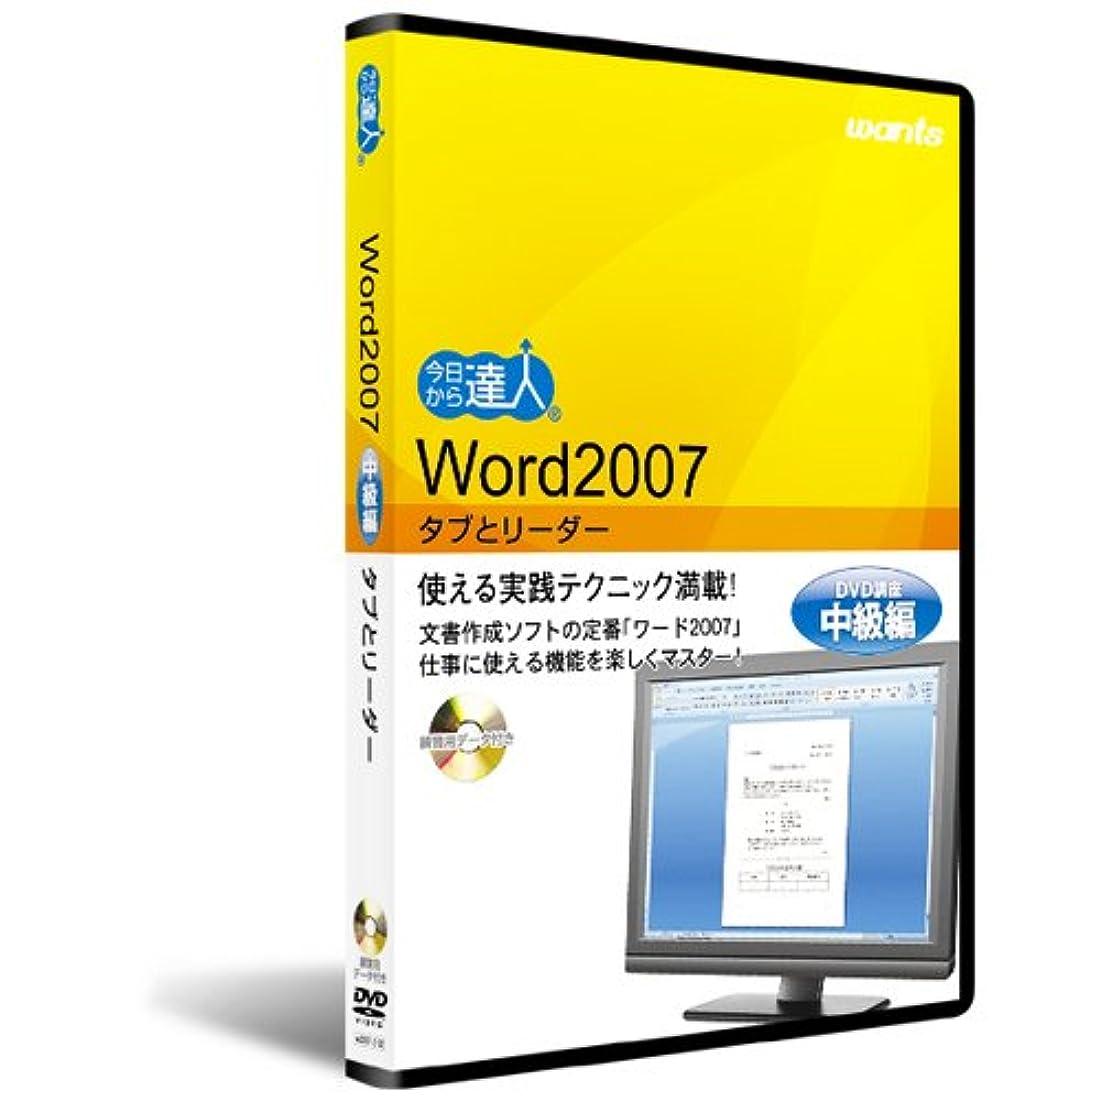 ワード2007:DVD講座中級編 「タブとリーダー」